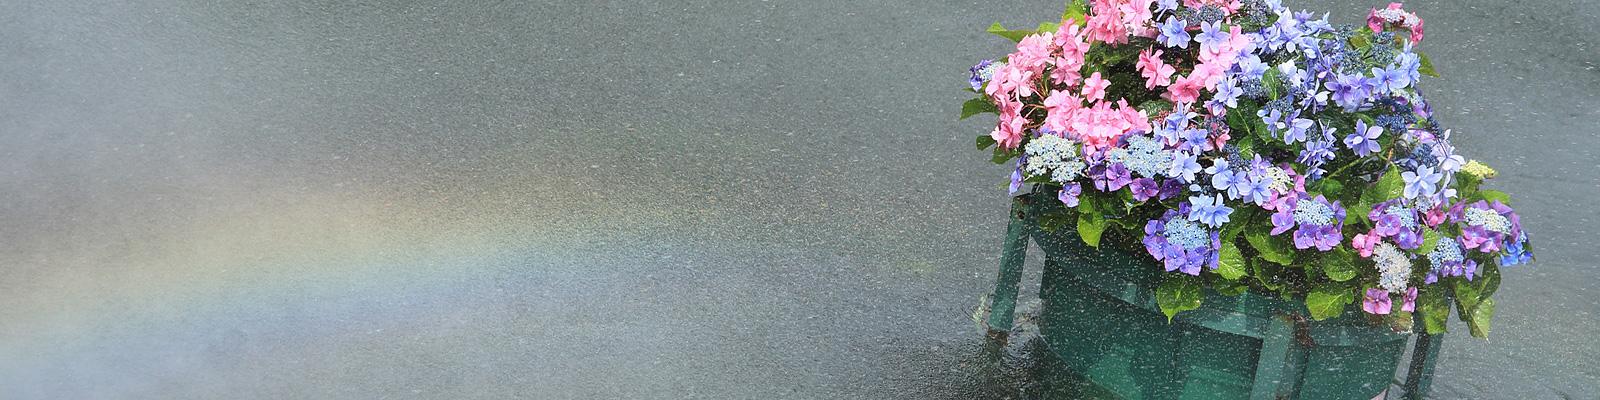 雨 紫陽花 虹